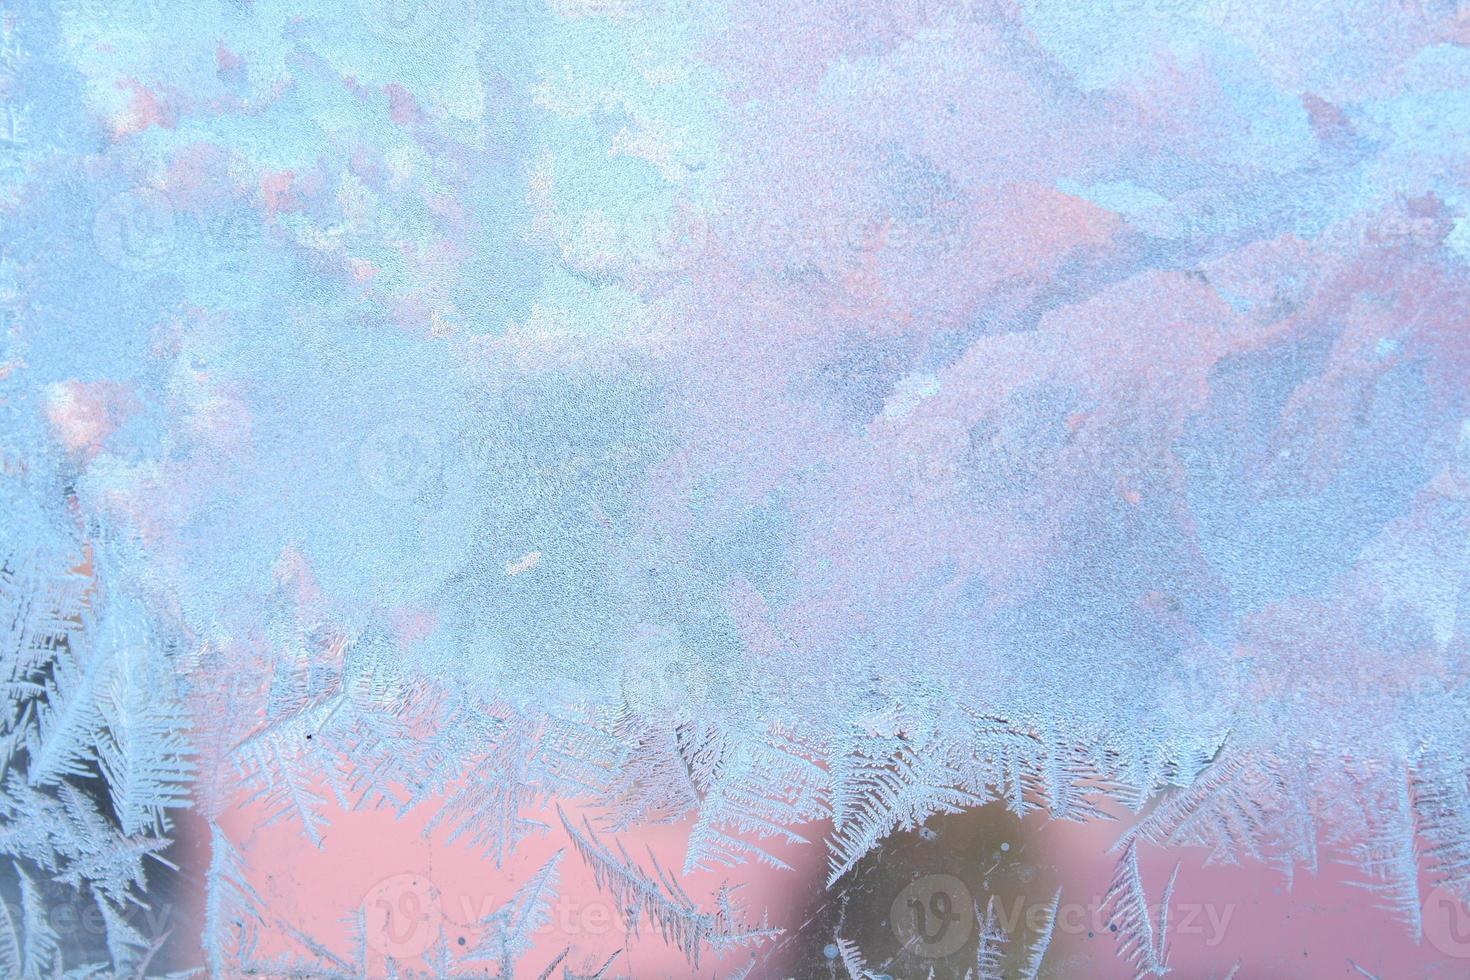 givre sur la fenêtre d'hiver photo